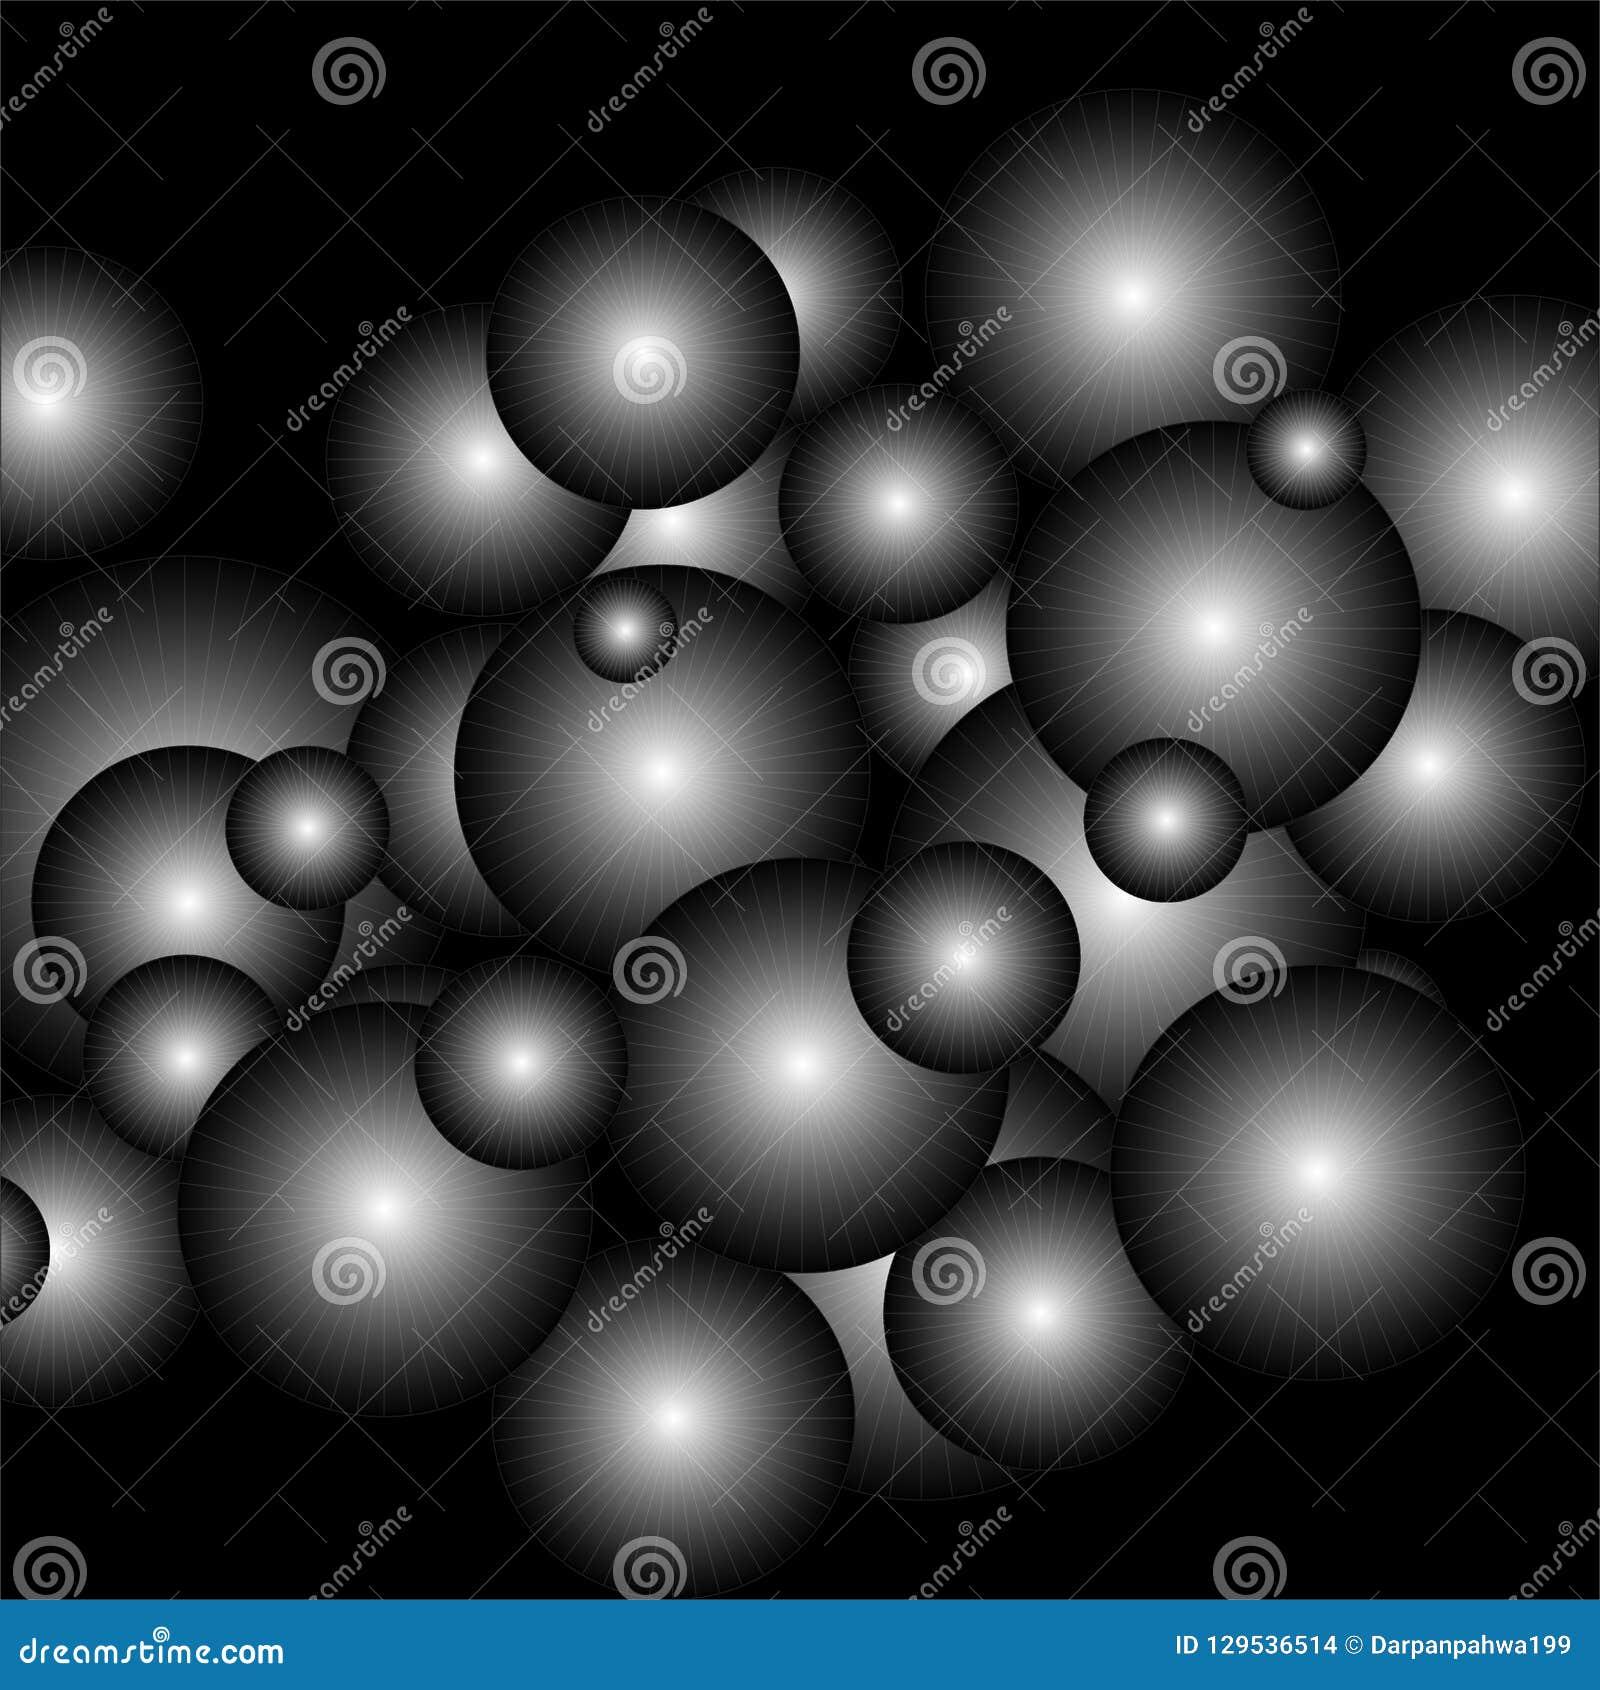 Illustrazione di vettore degli atomi nella gradazione di grigio